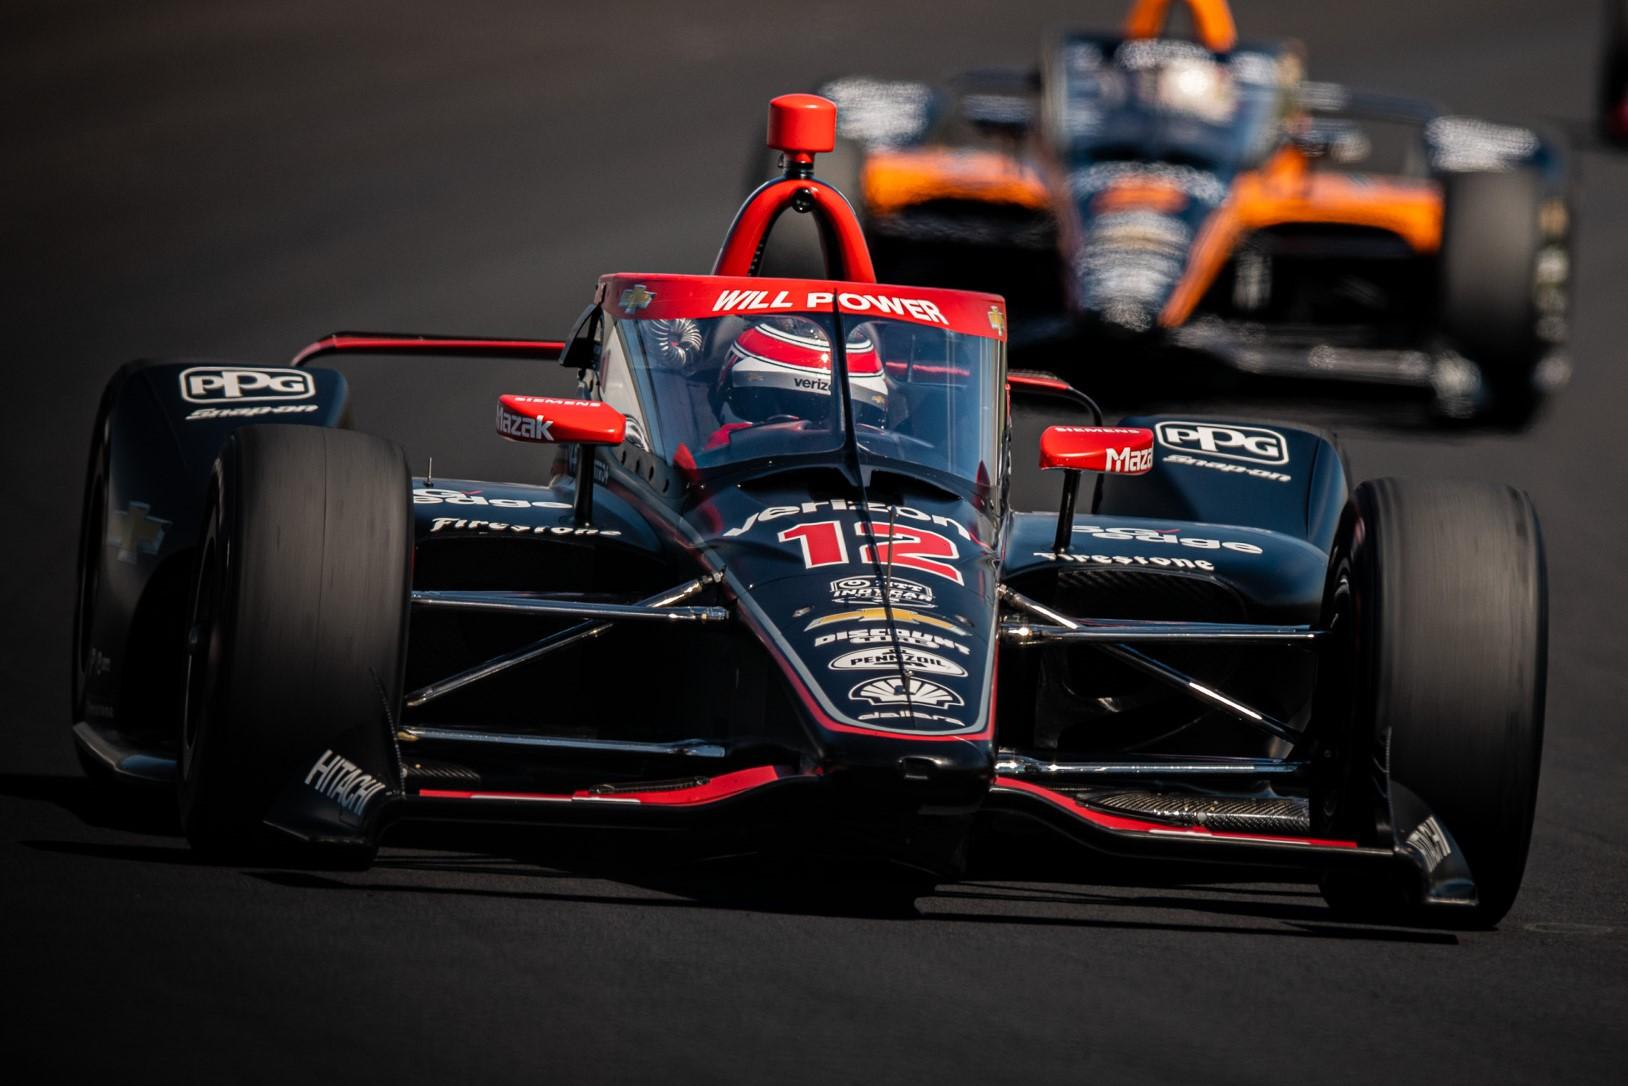 Visszatér az Indy 500 legmenőbb dizájnja – Méghozzá az egész szezonra!